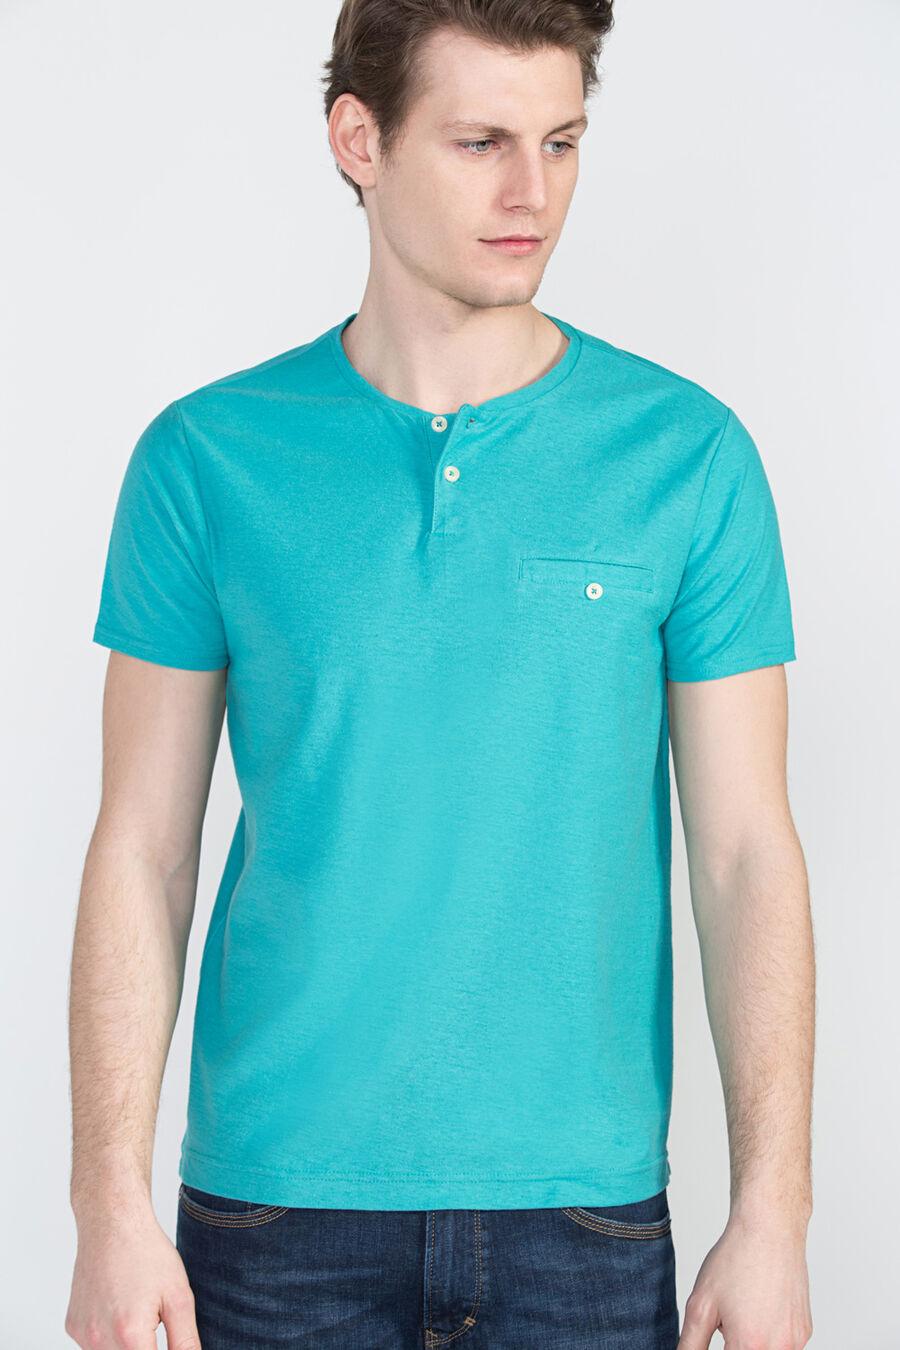 Buttoms t-shirt